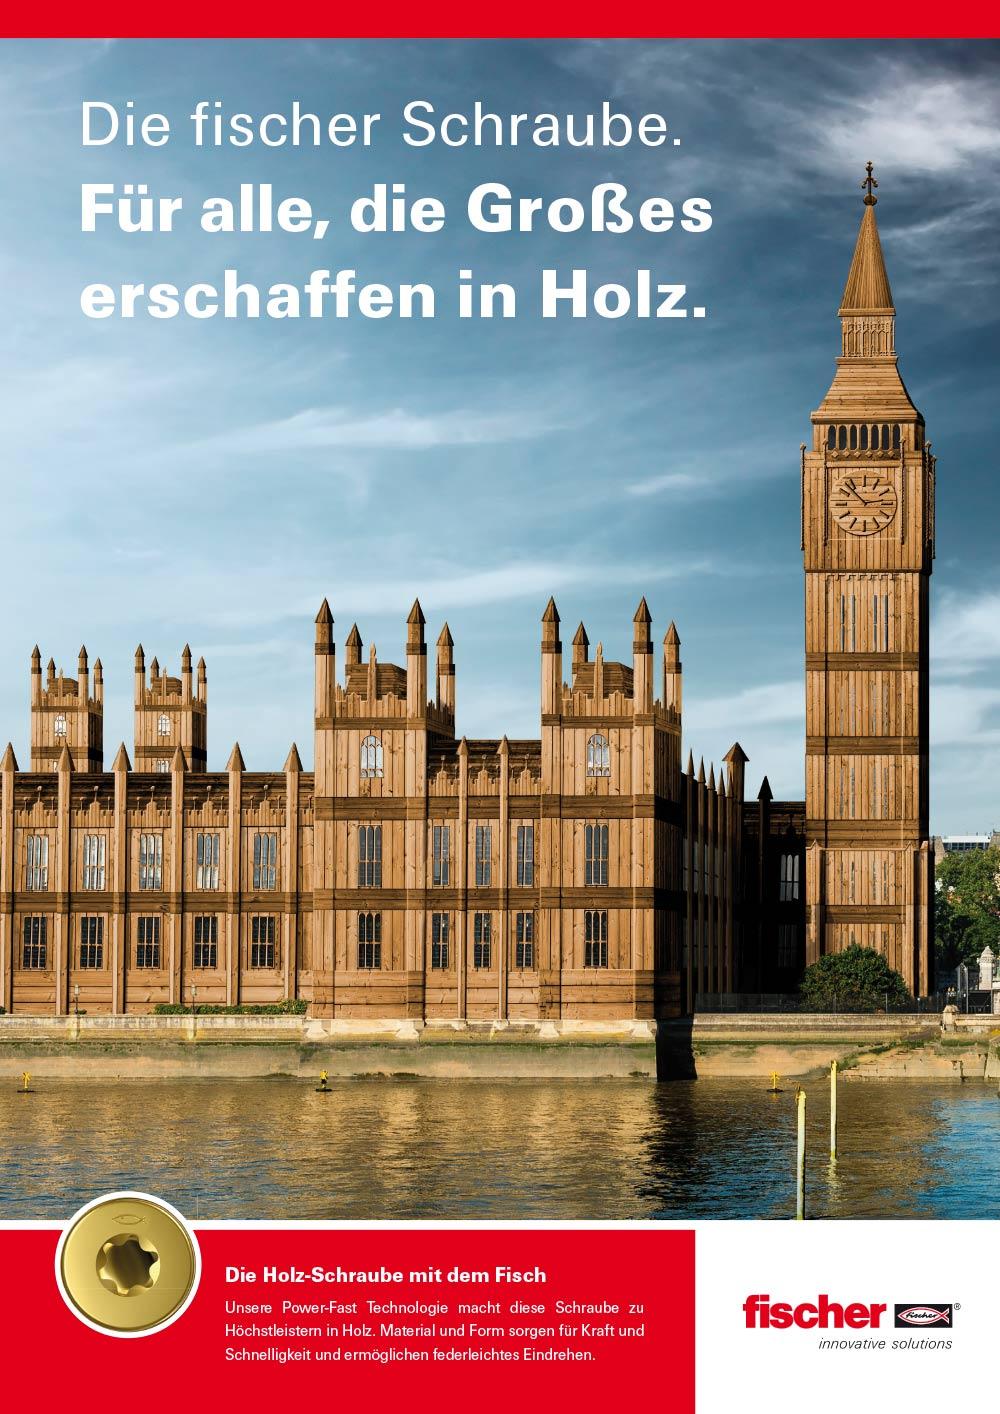 fischer_Holz_Schrauben_Anzeige_Big_Ben